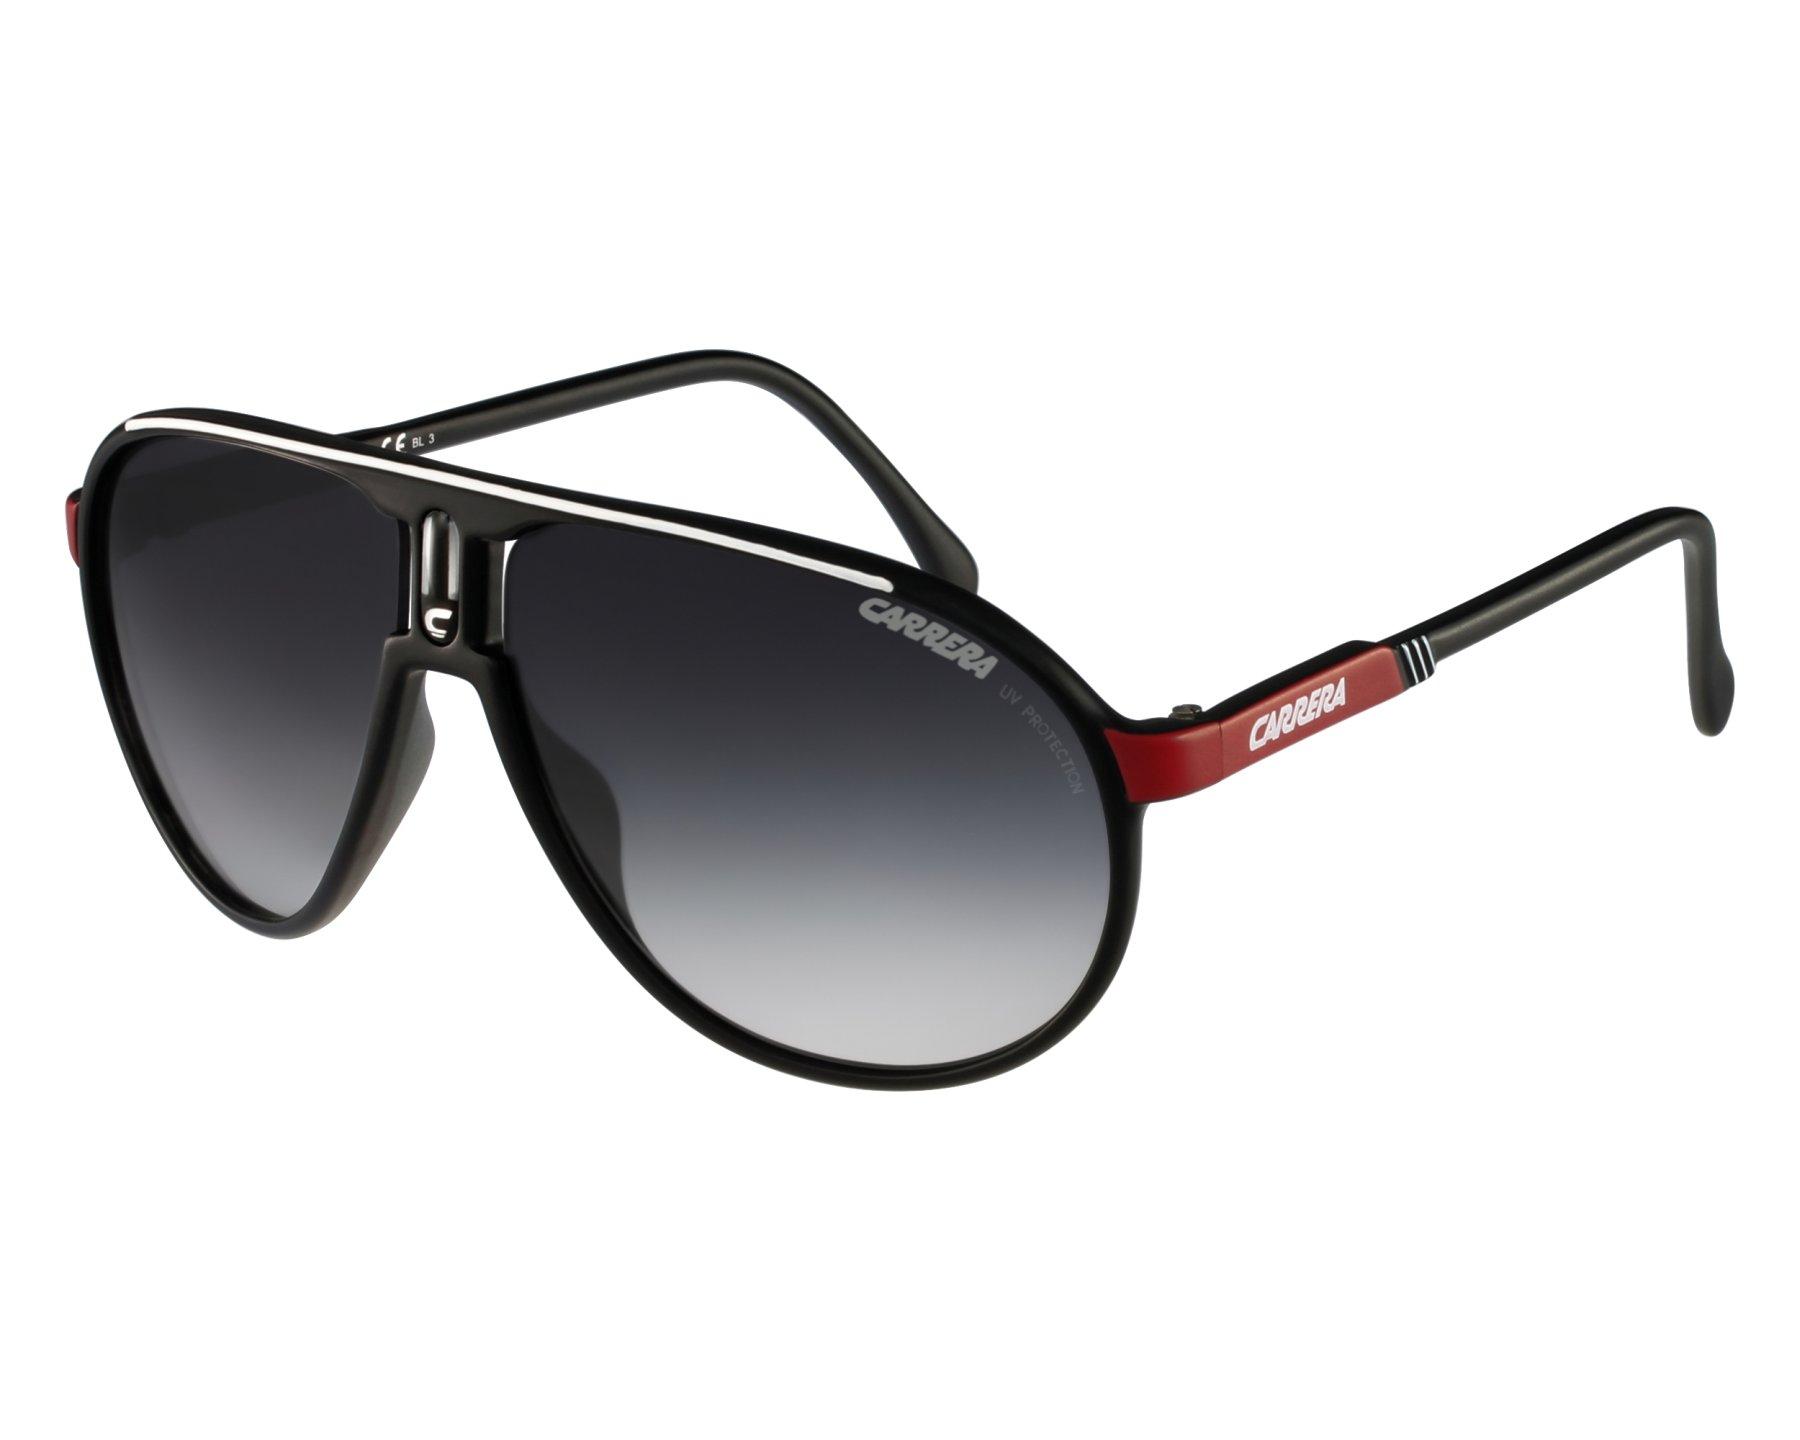 8fc1e1bc4991 Sunglasses Carrera Champion-G WSG/90 - Black Red front view